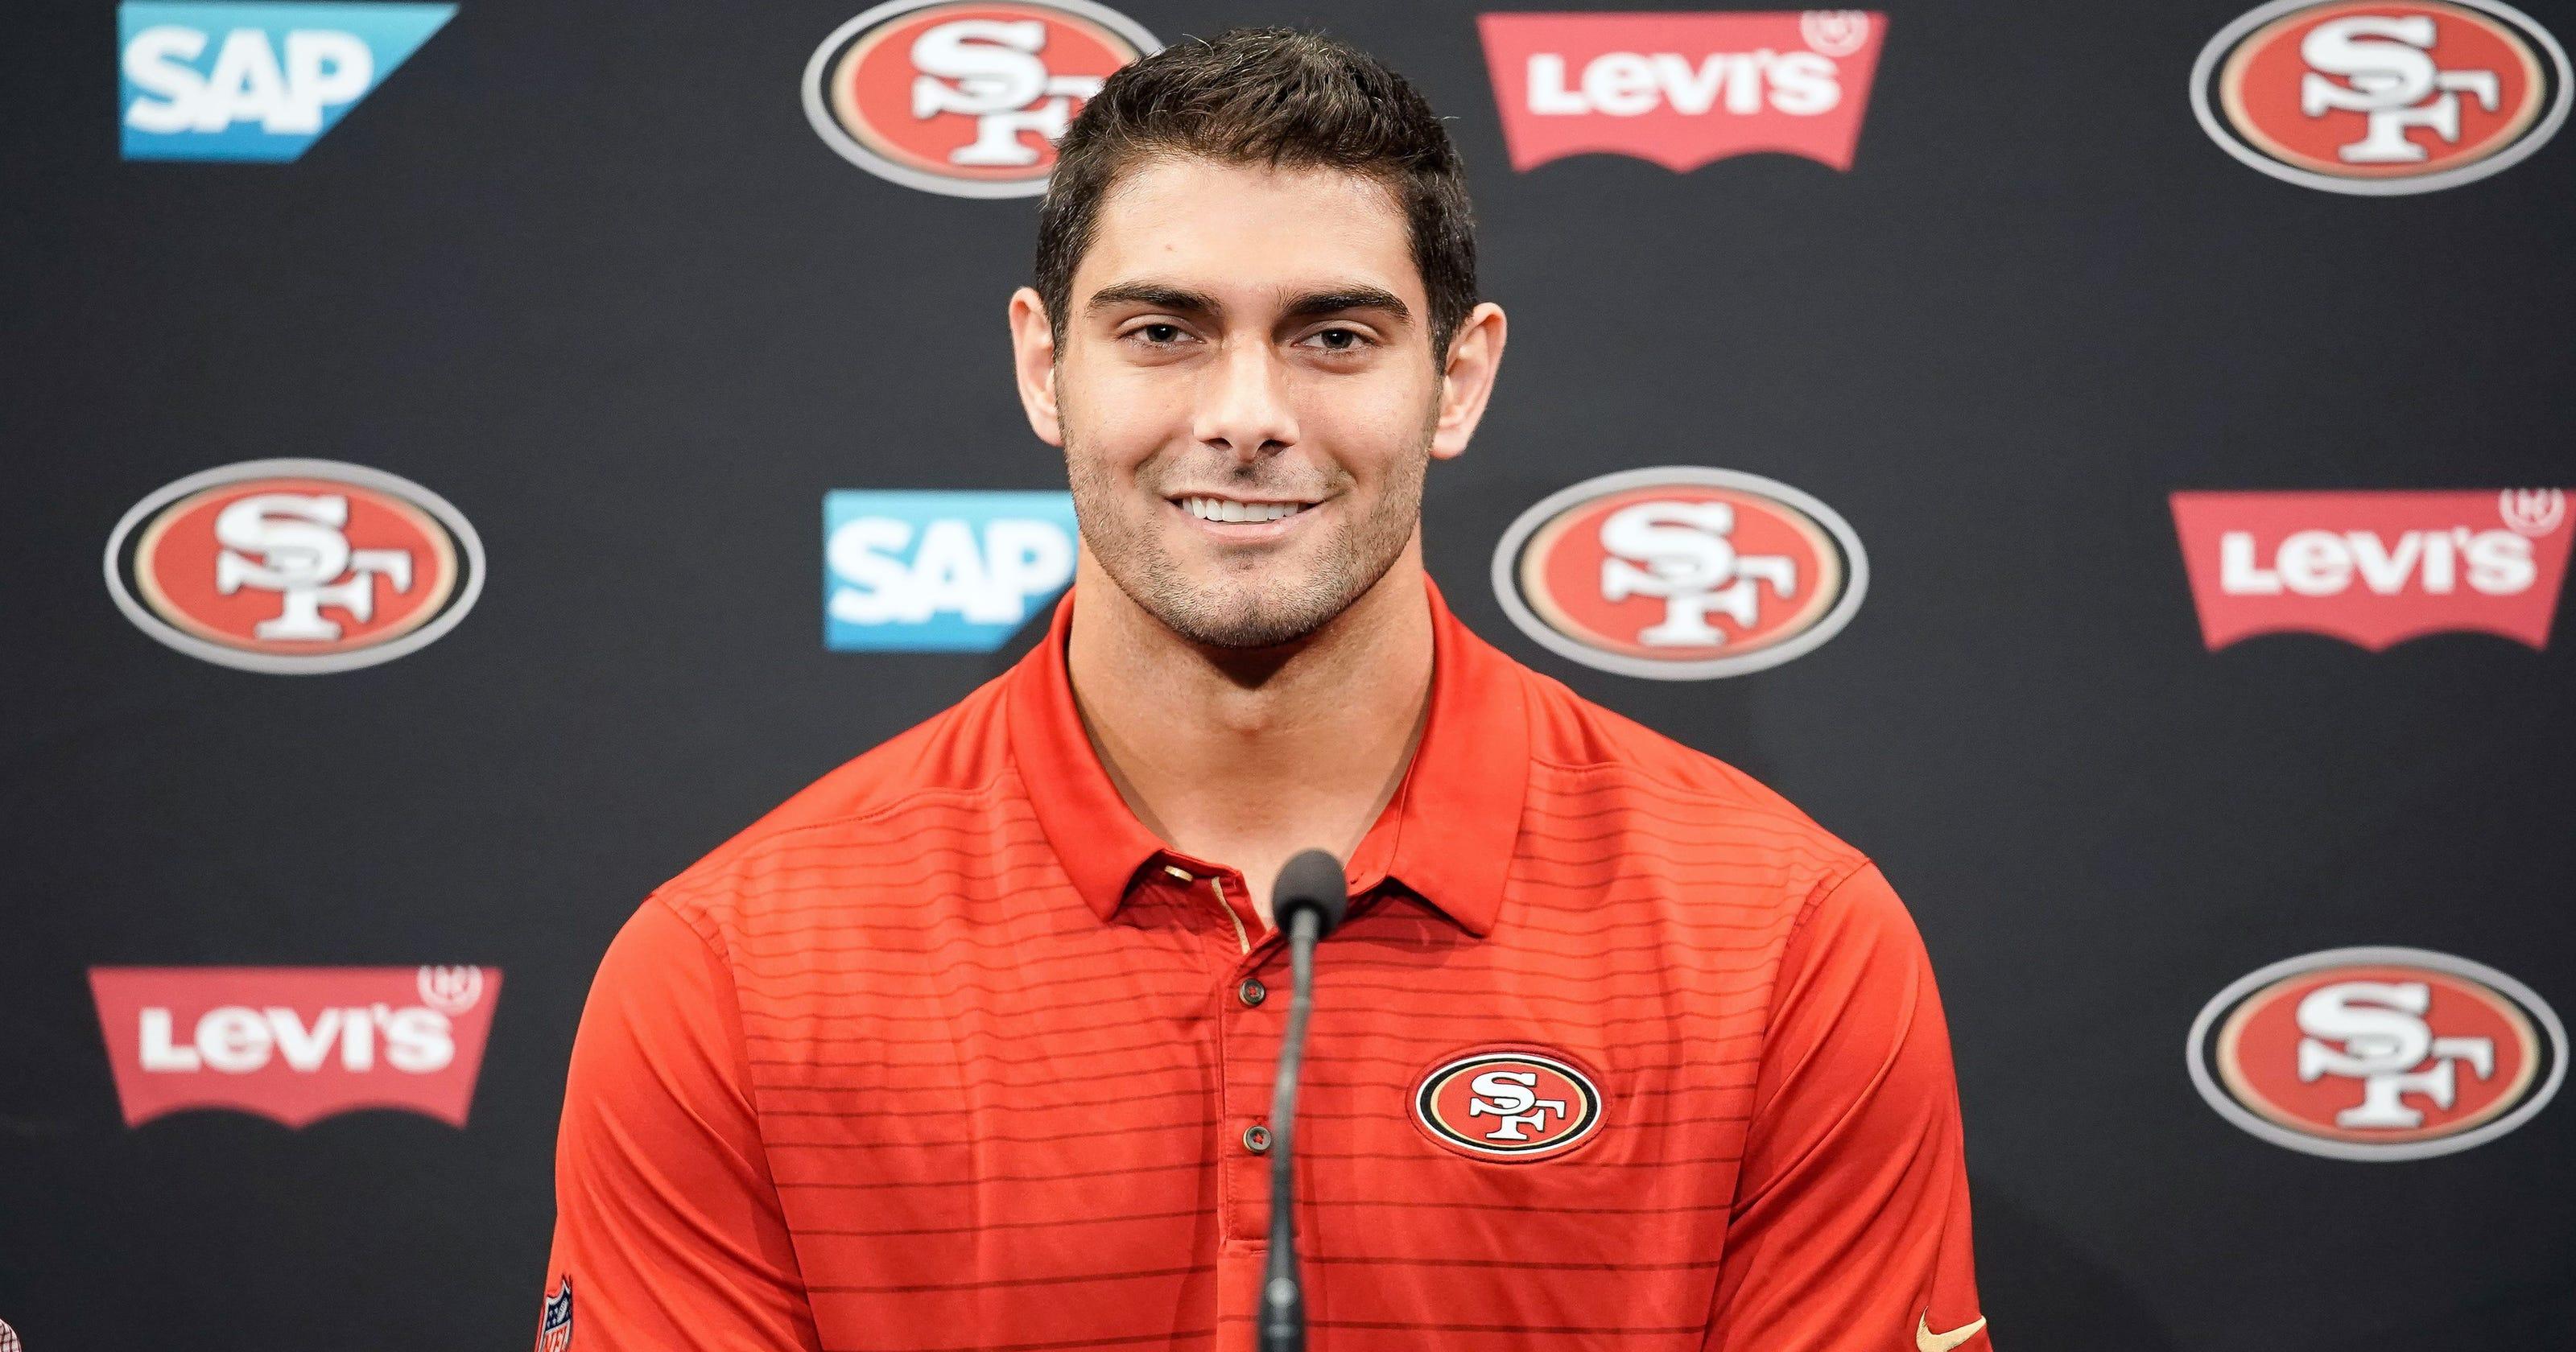 sf 49ers quarterback